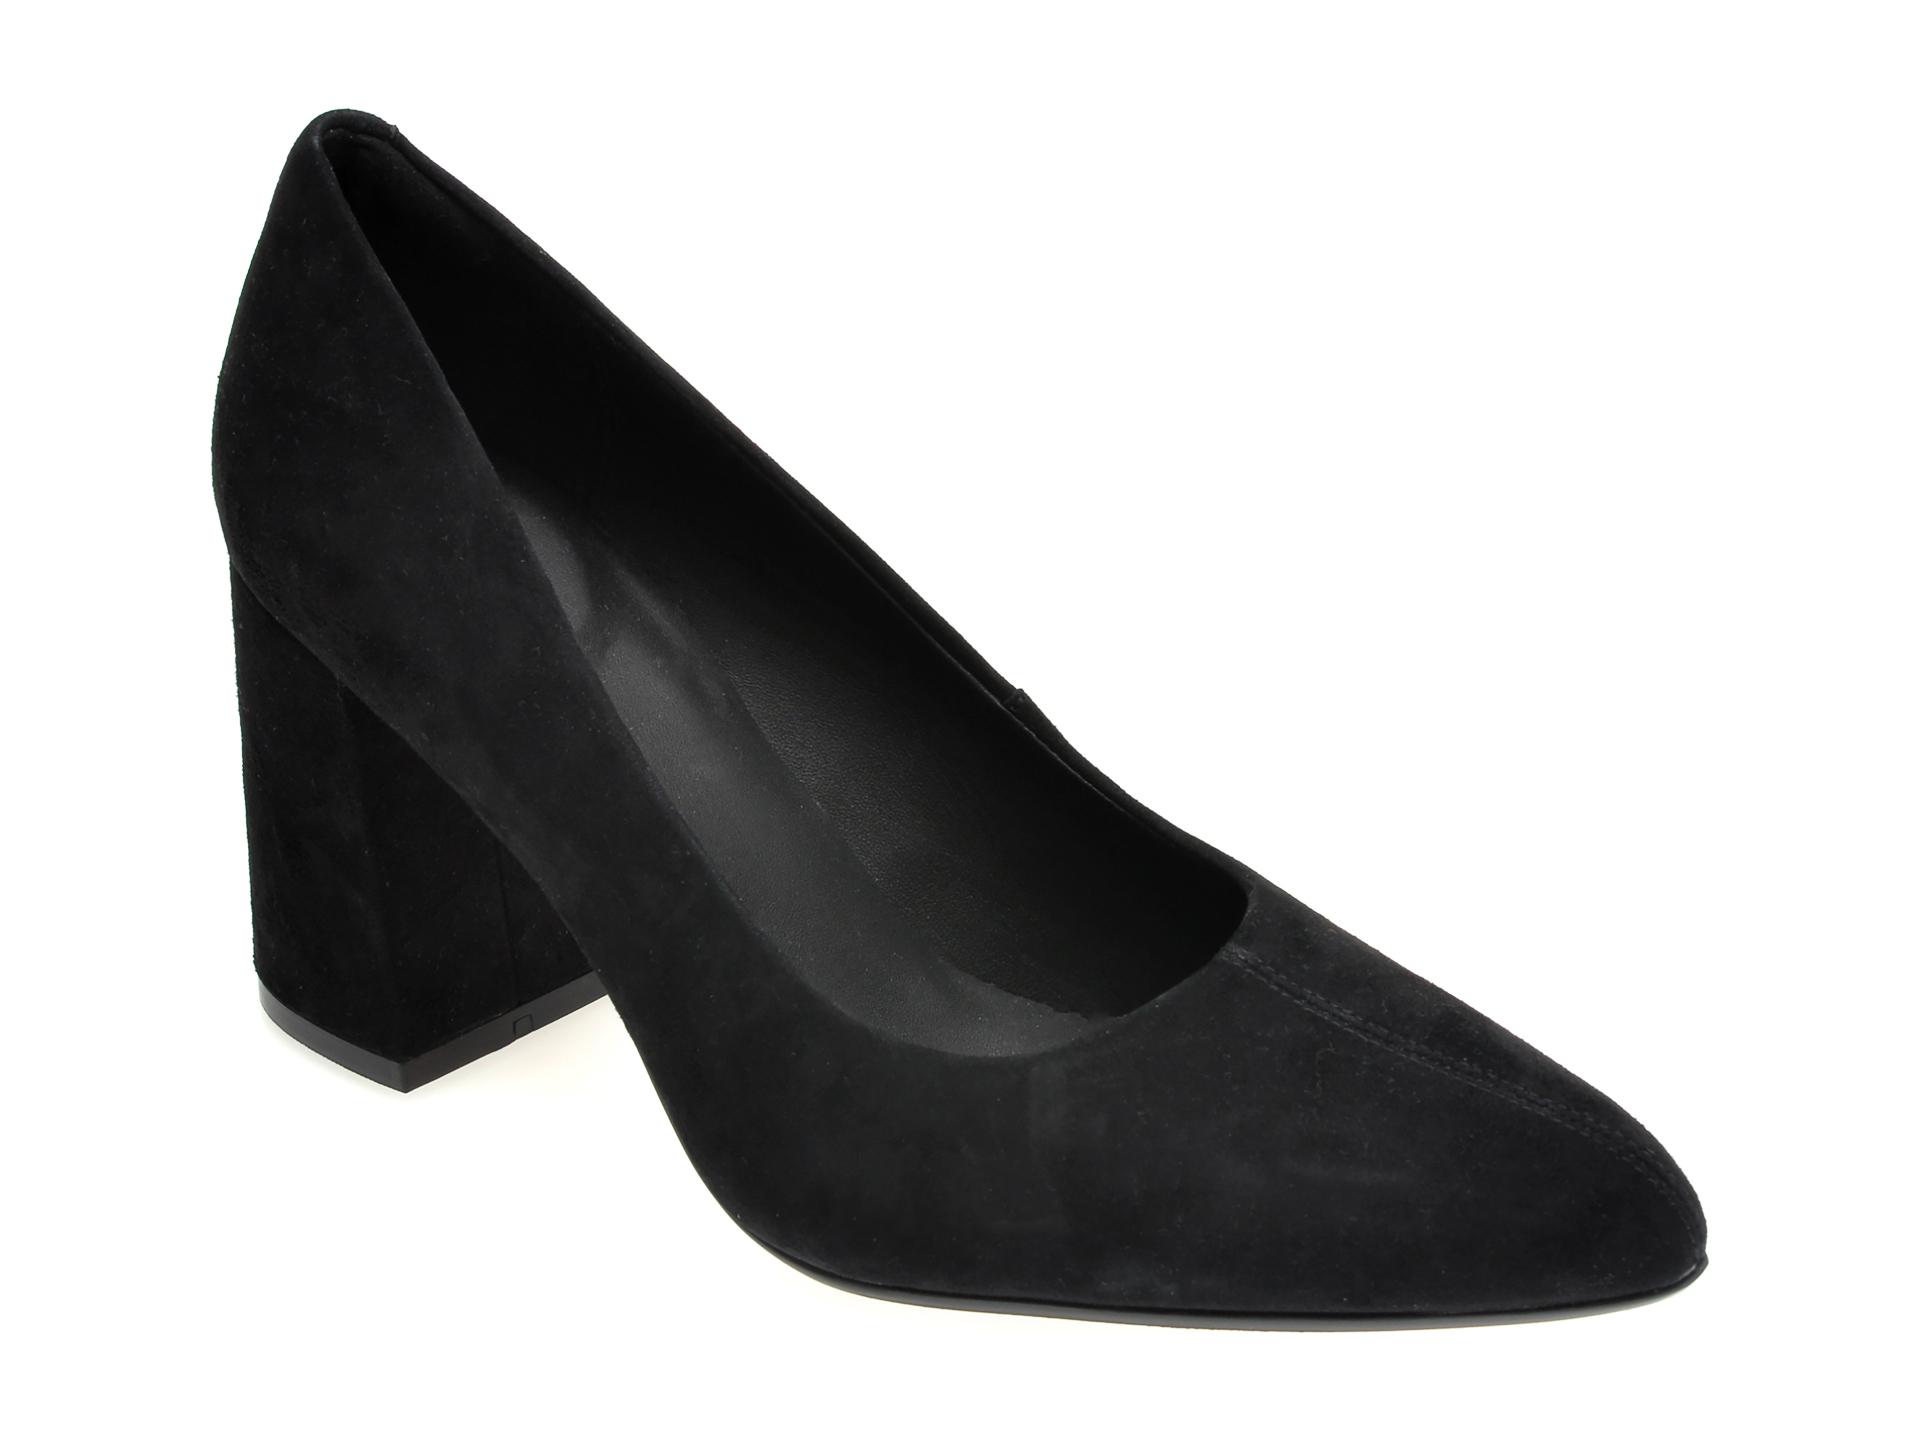 Pantofi CLARKS negri, LAI85CO, din piele intoarsa imagine